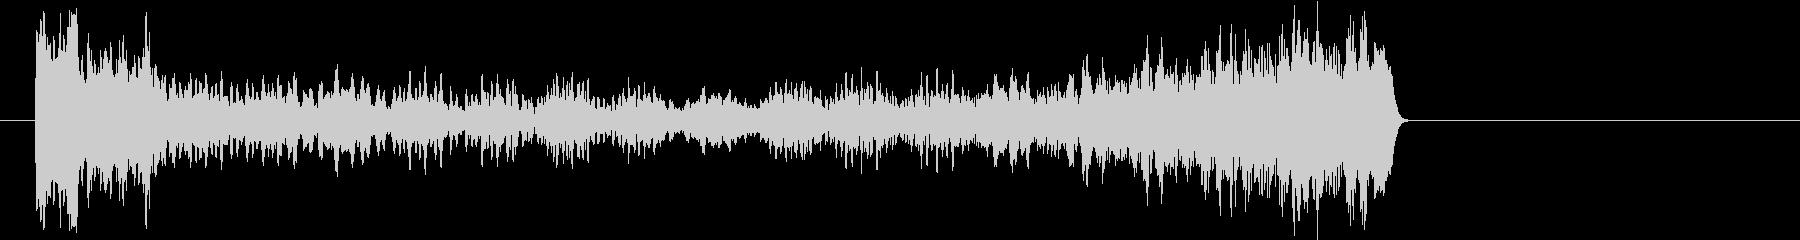 サウンドロゴ オルガンAの未再生の波形